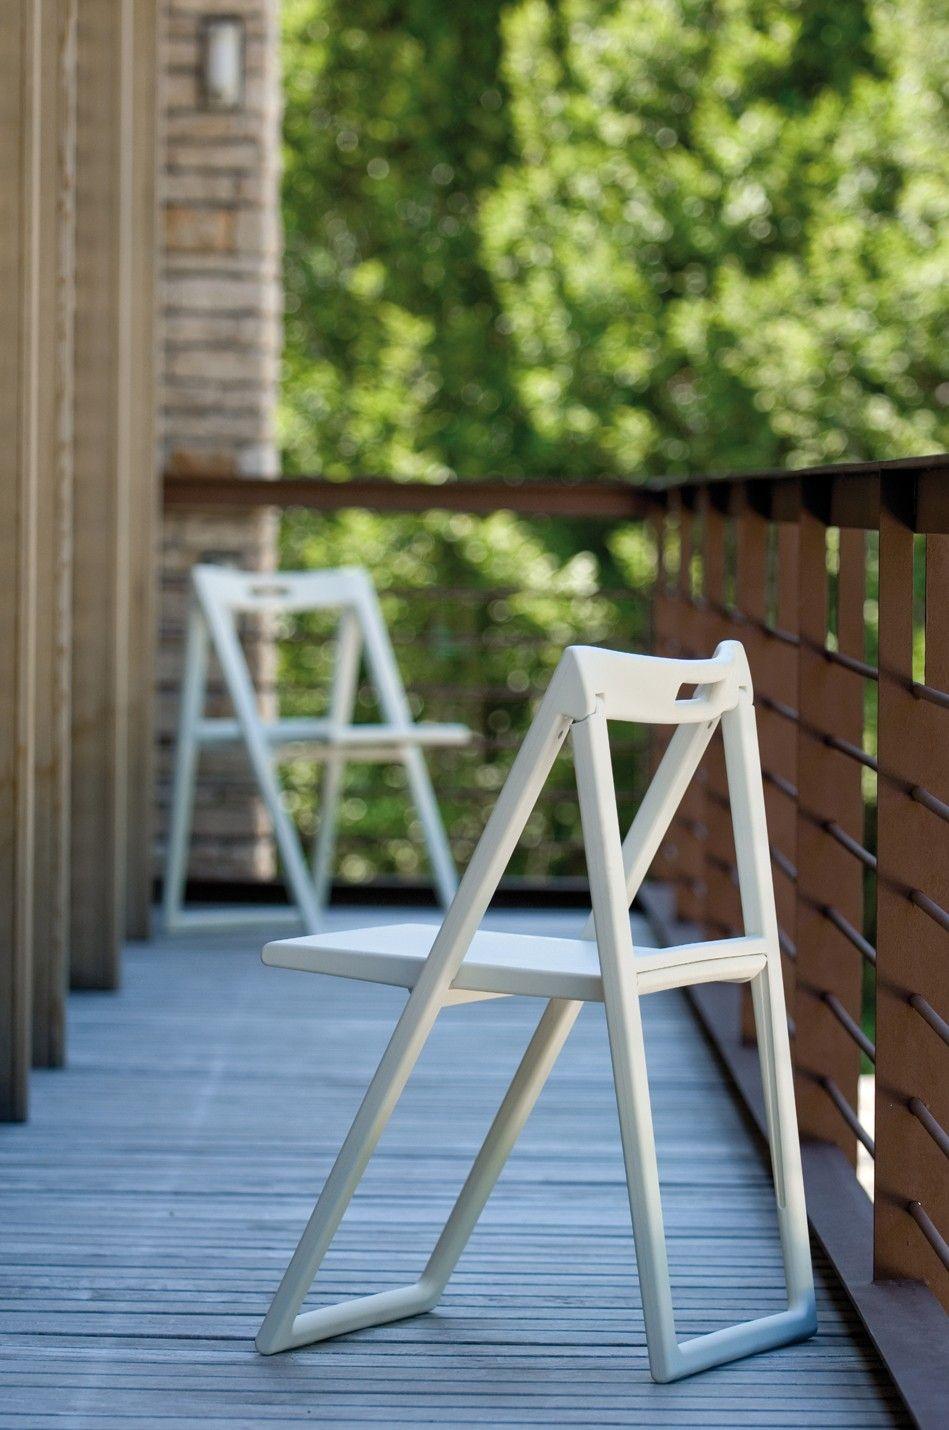 Avete scelto come arredare il vostro giardino?    Sedia pieghevole di design Pedrali Enjoy 460 | Webarredoitalia.com